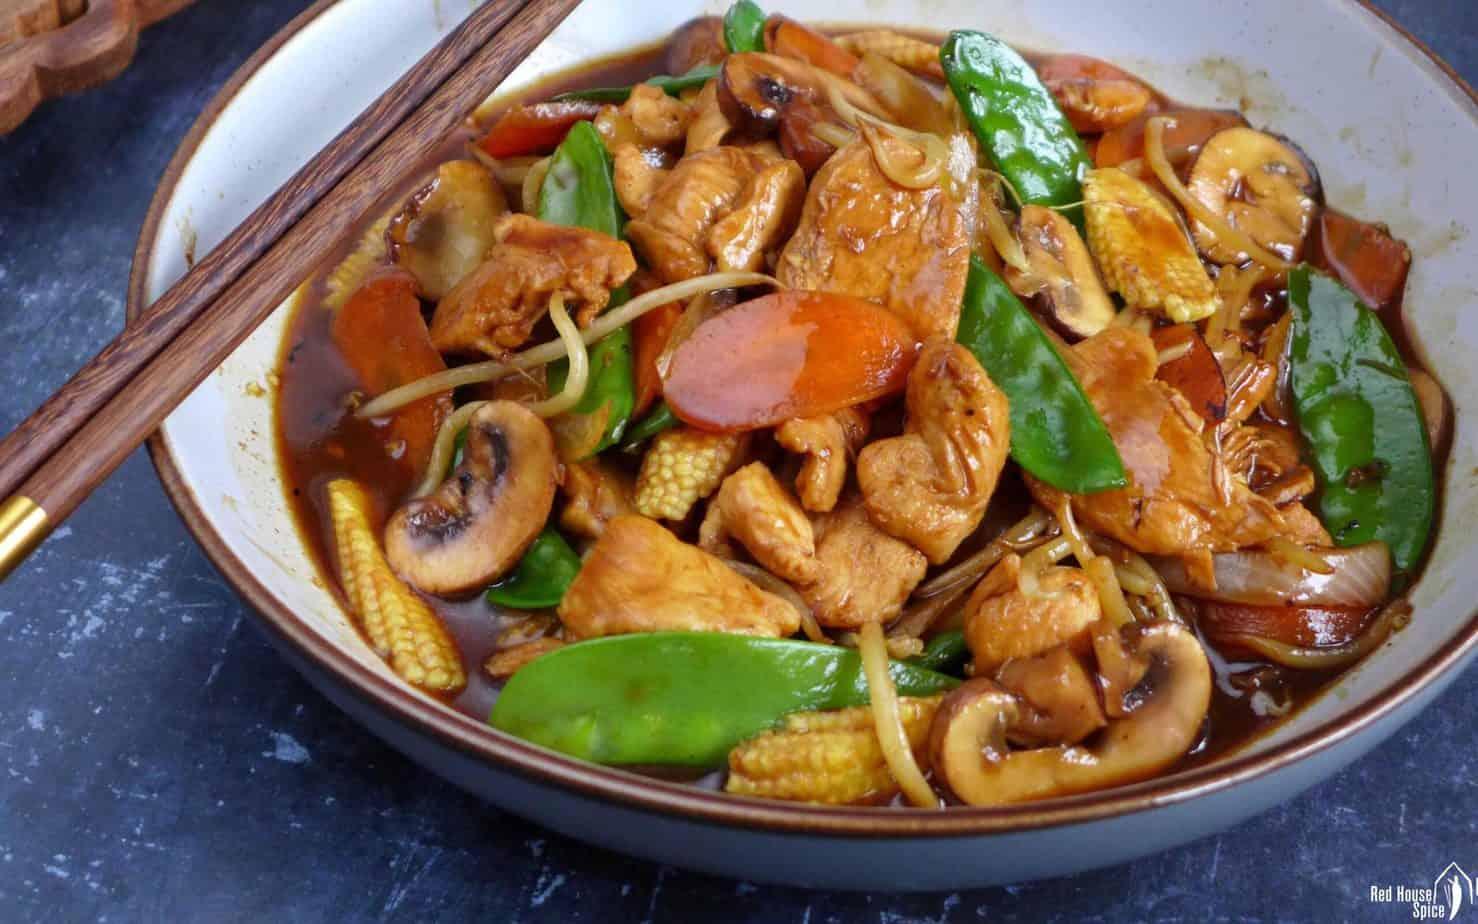 A plate of chicken chop suey